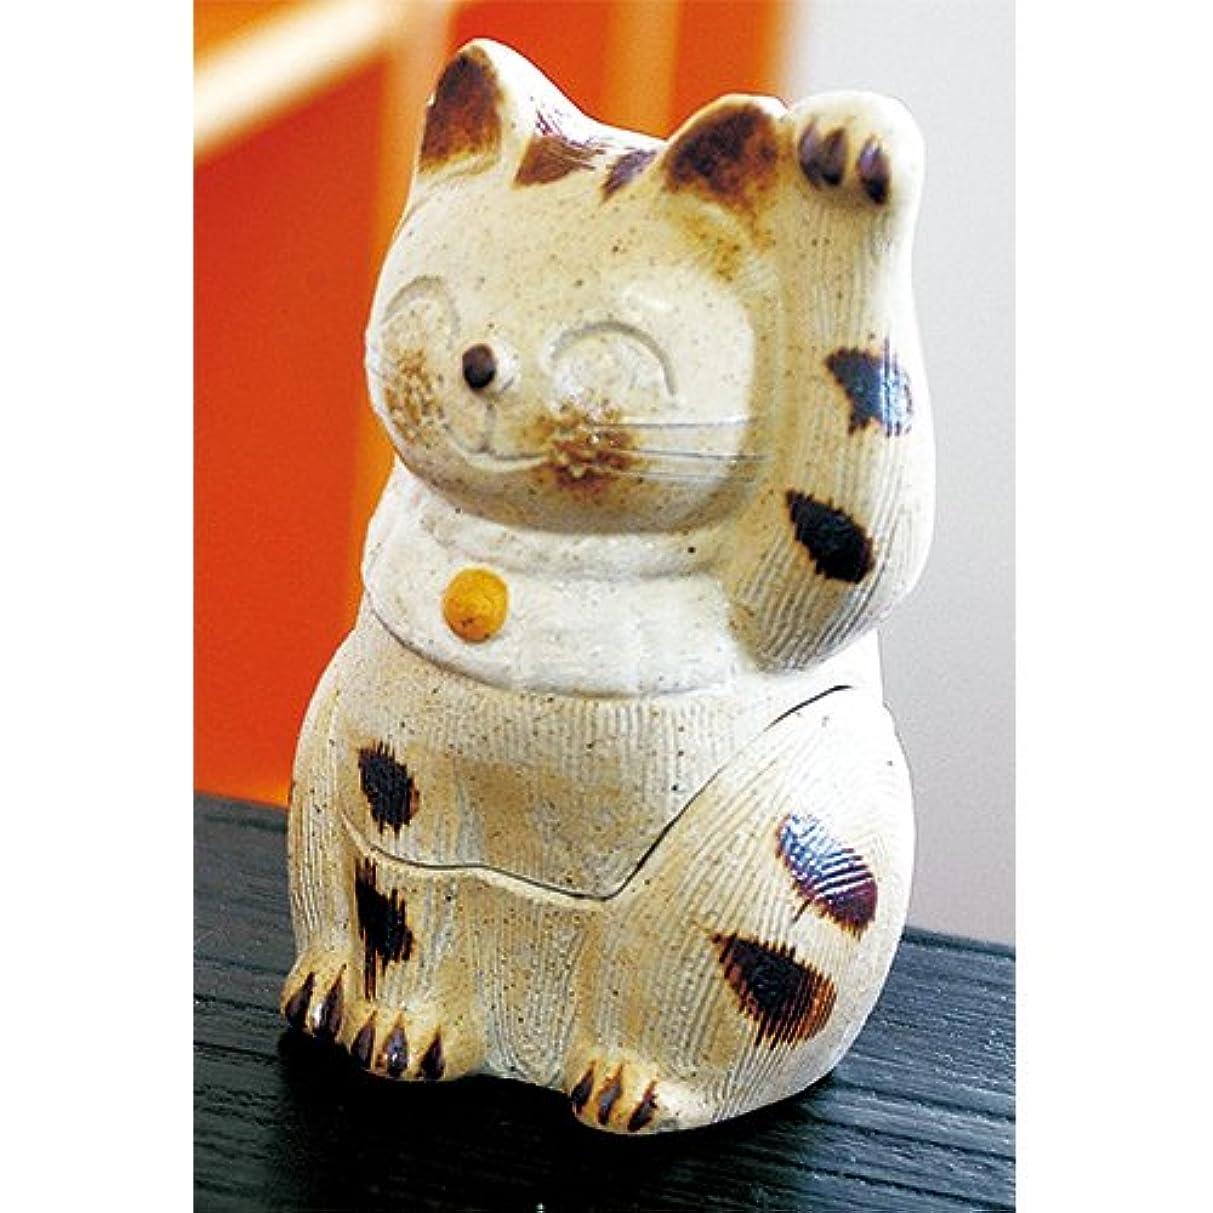 香炉 ひとまねき猫 香炉(中) [H12.5cm] HANDMADE プレゼント ギフト 和食器 かわいい インテリア